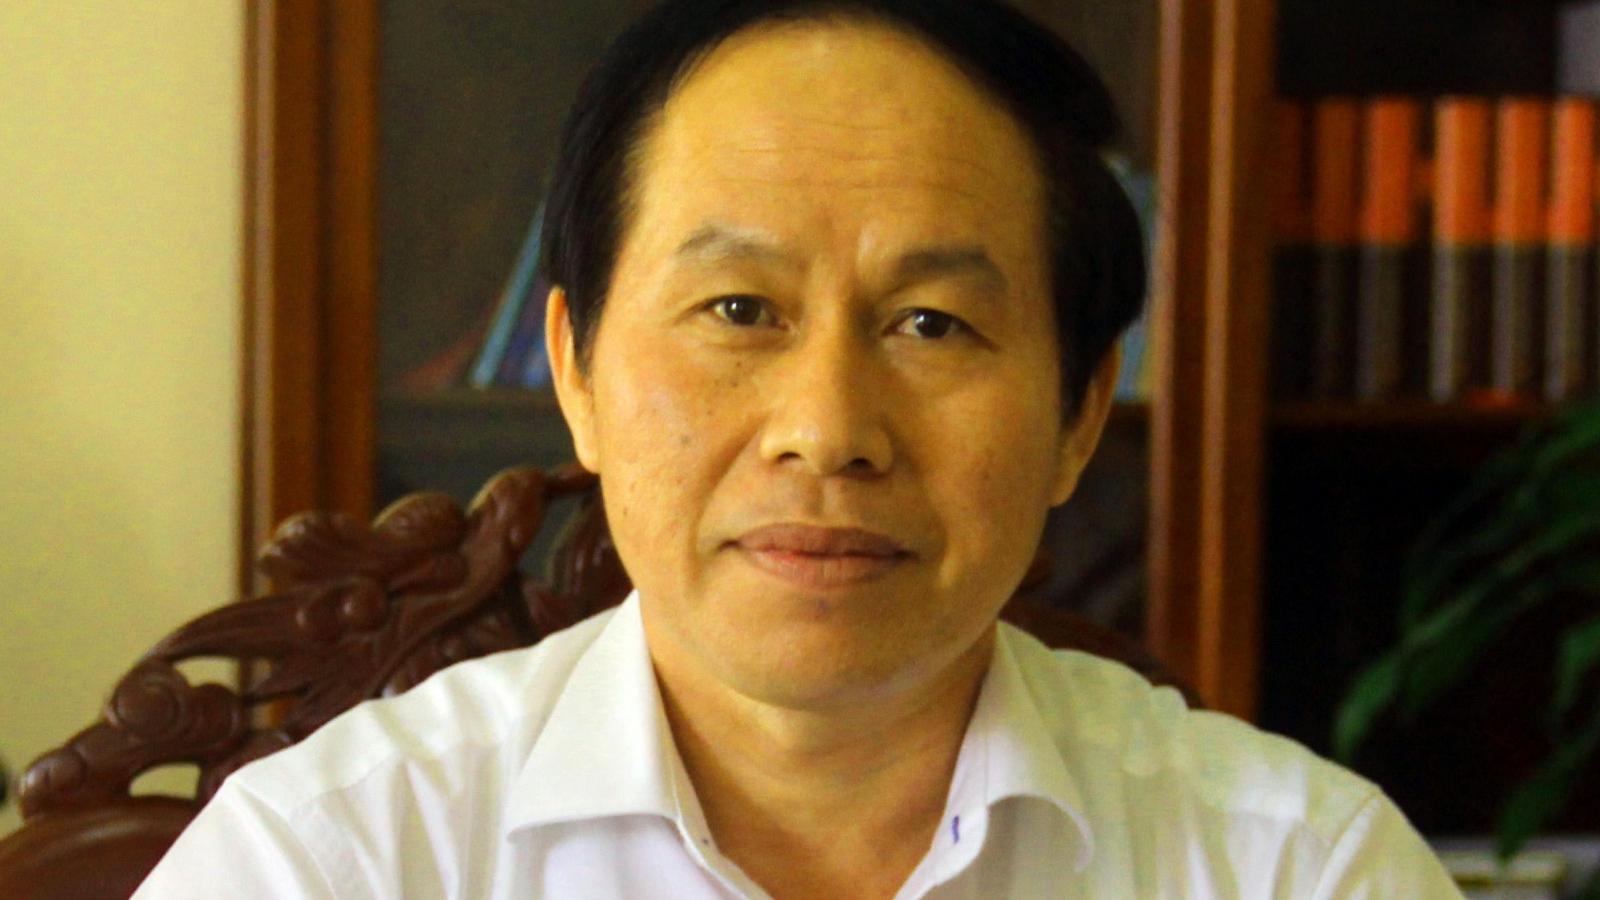 Quá trình công tác của Bí thư Tỉnh ủy Hậu Giang Lê Tiến Châu